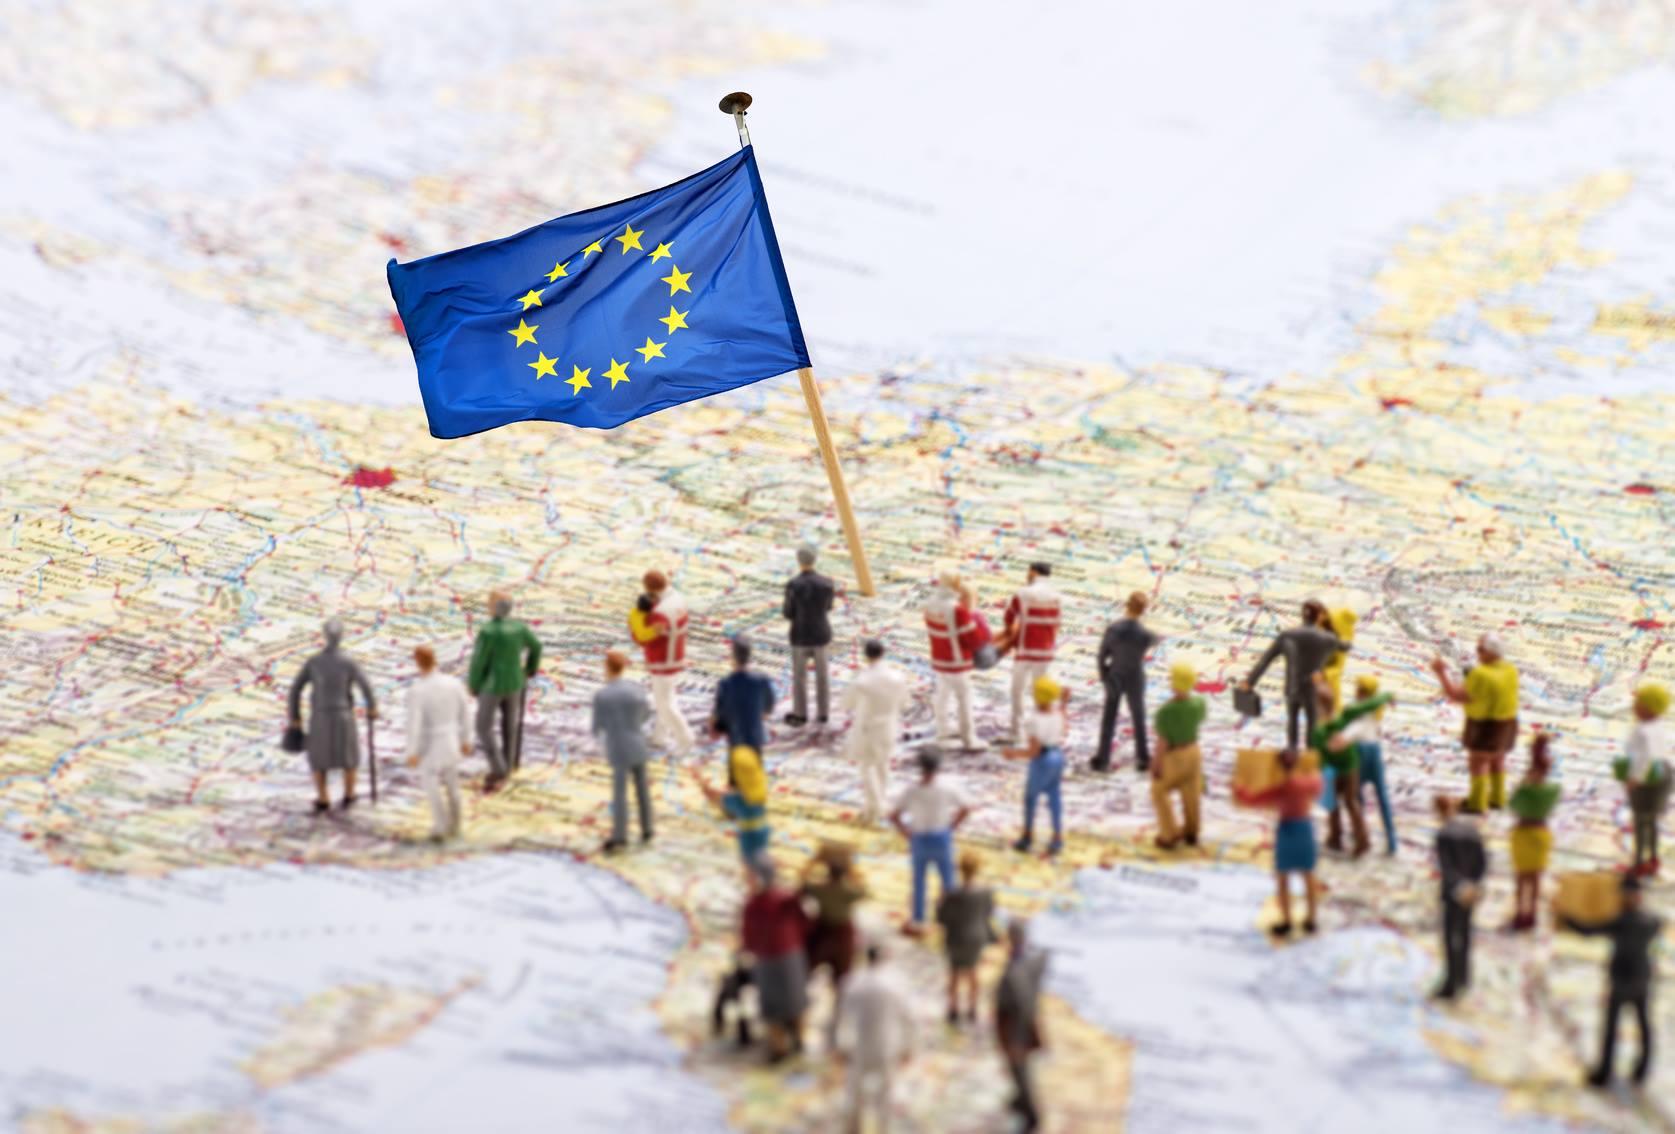 Sănătatea Publică în Uniunea Europeană